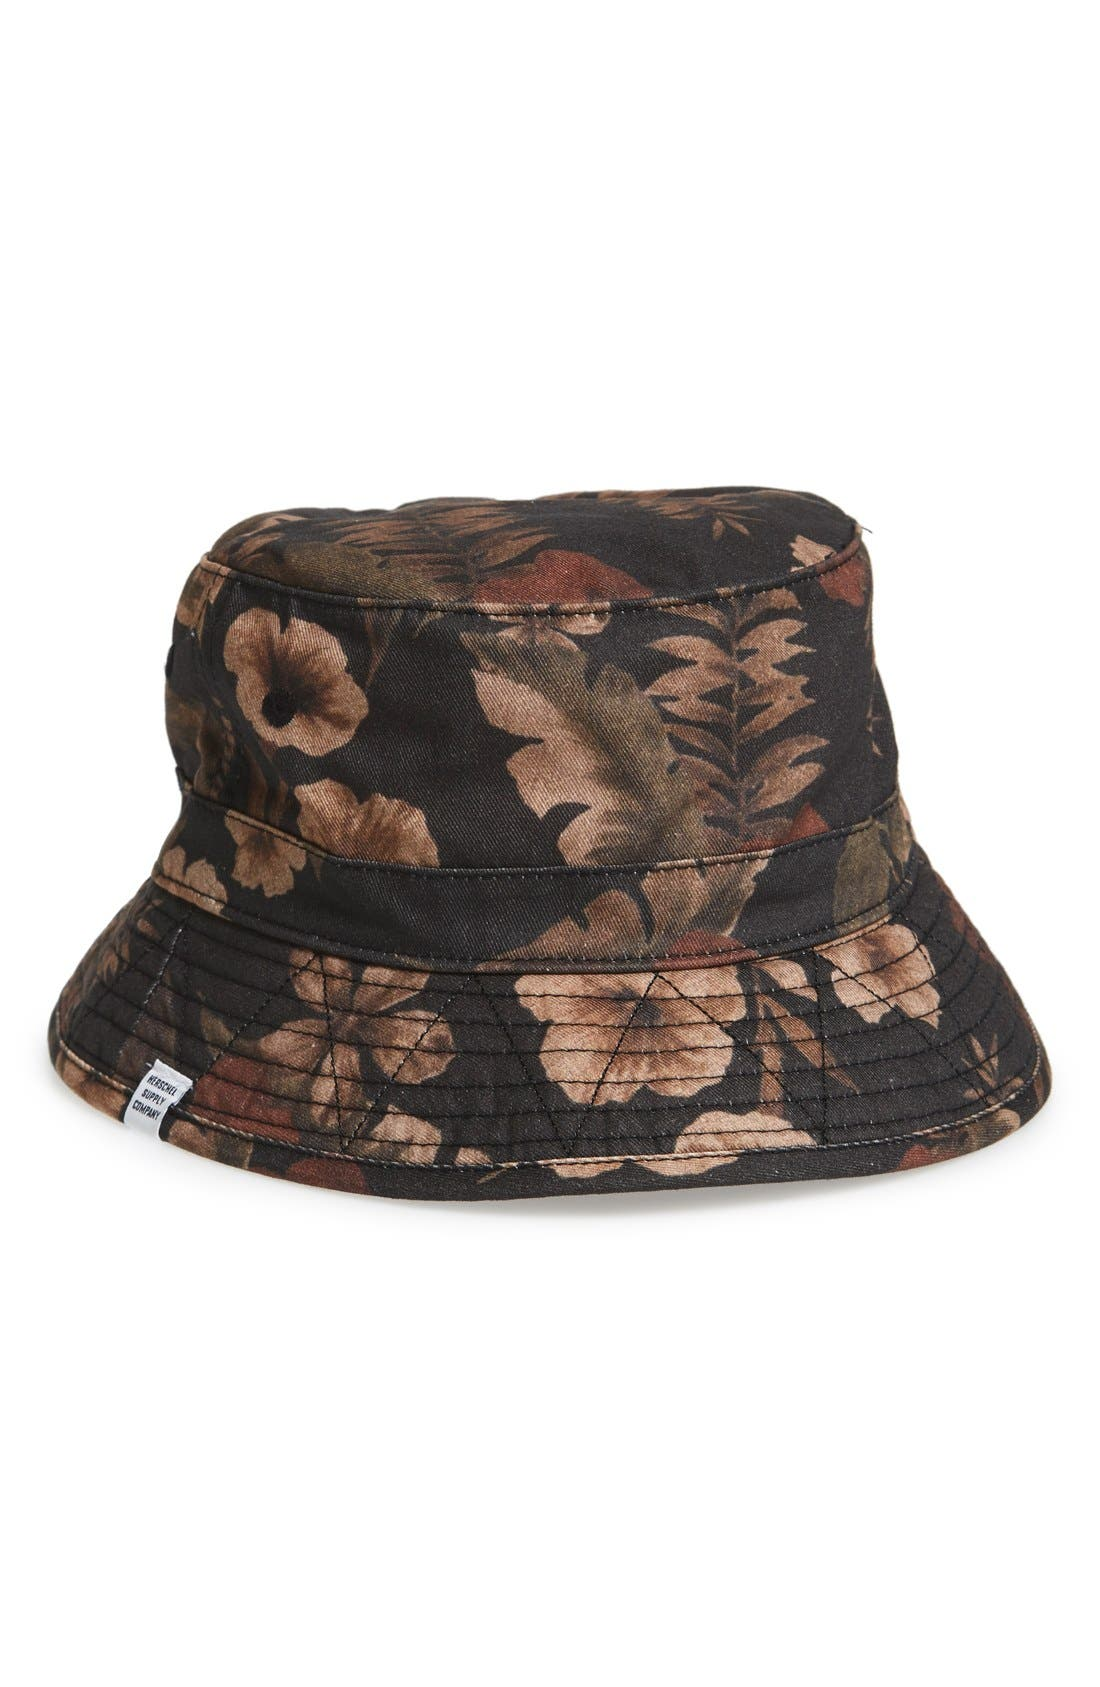 Alternate Image 1 Selected - Herschel Supply Co. 'Creek' Bucket Hat